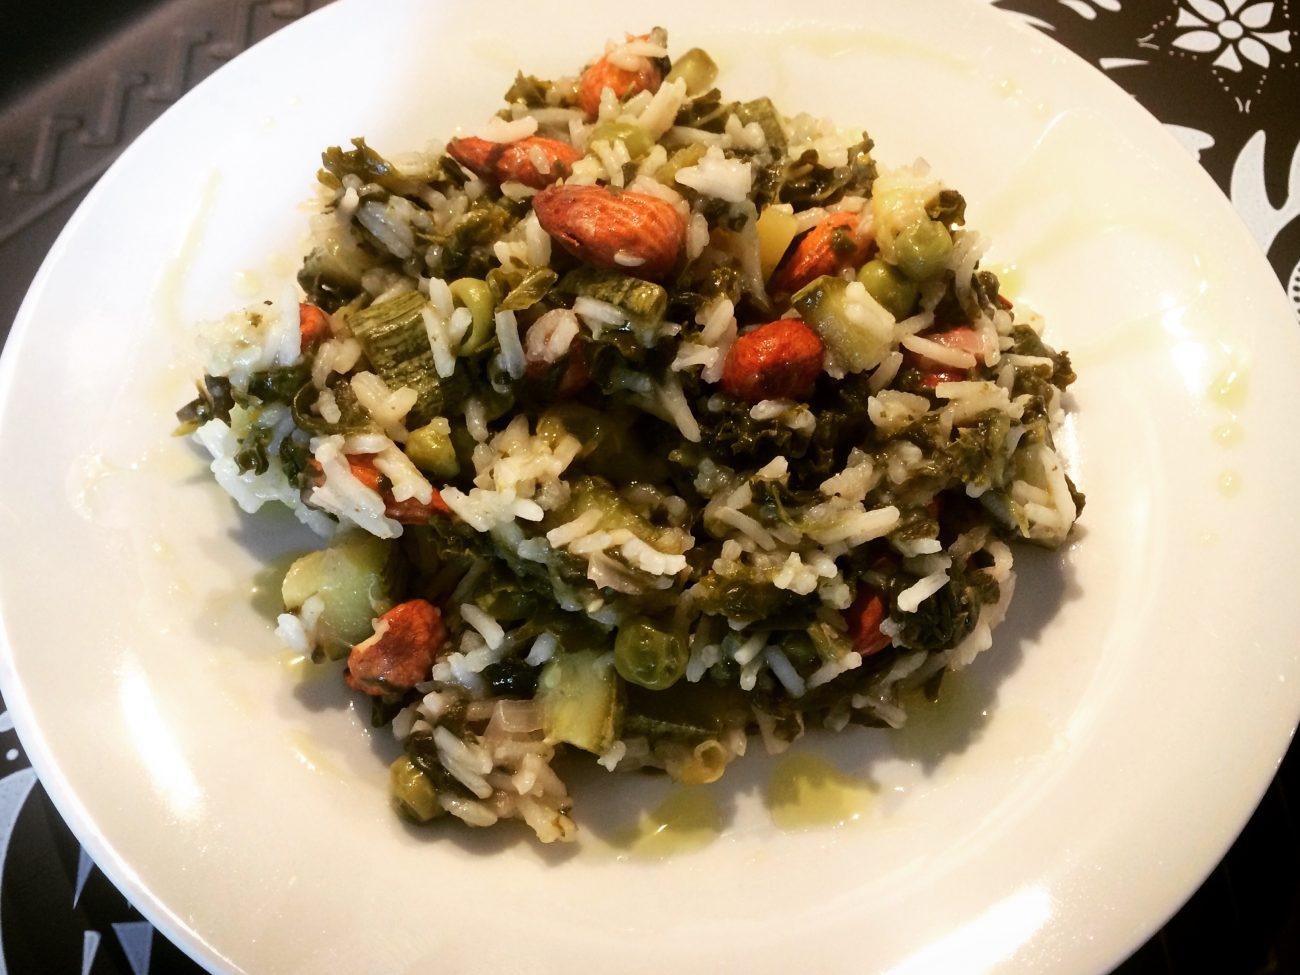 Ρύζι μπασμάτι με πράσινα λαχανικά και αμύγδαλα